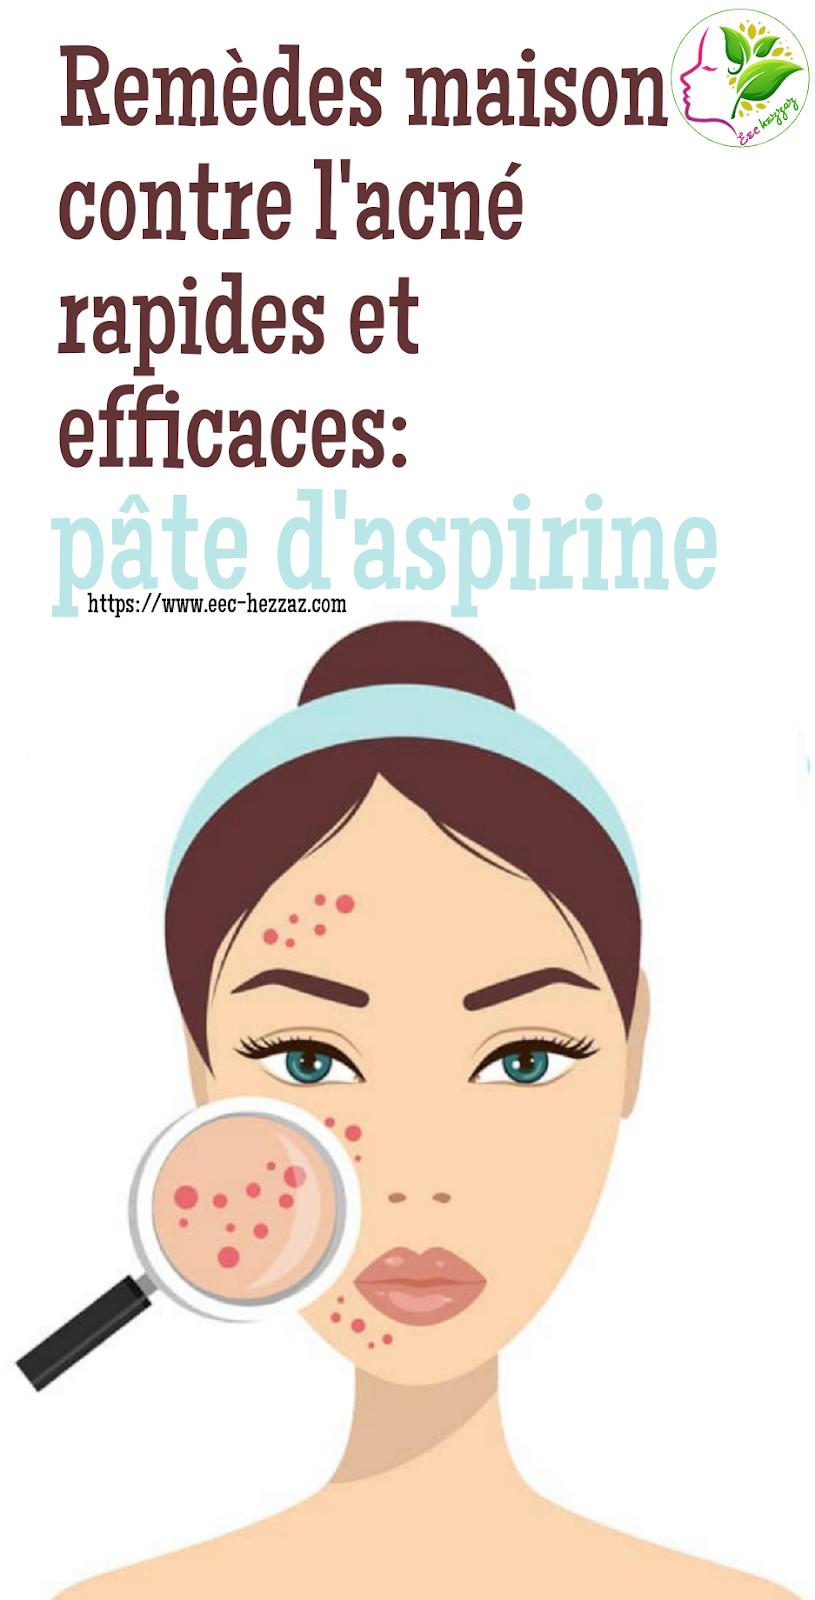 Remèdes maison contre l'acné rapides et efficaces: pâte d'aspirine